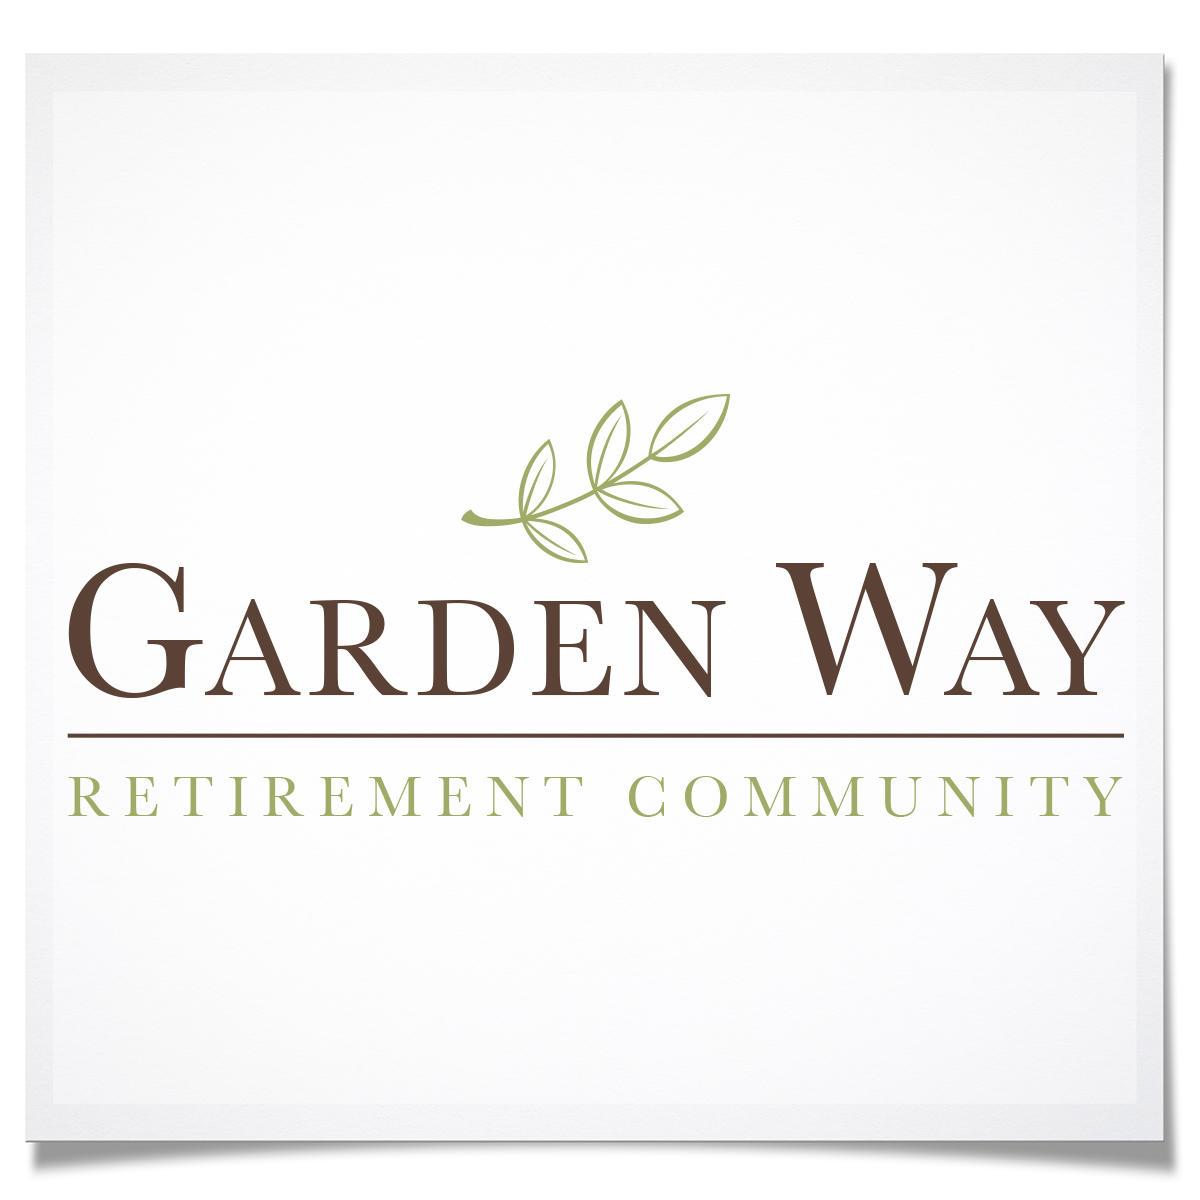 Garden Way Retirement Community